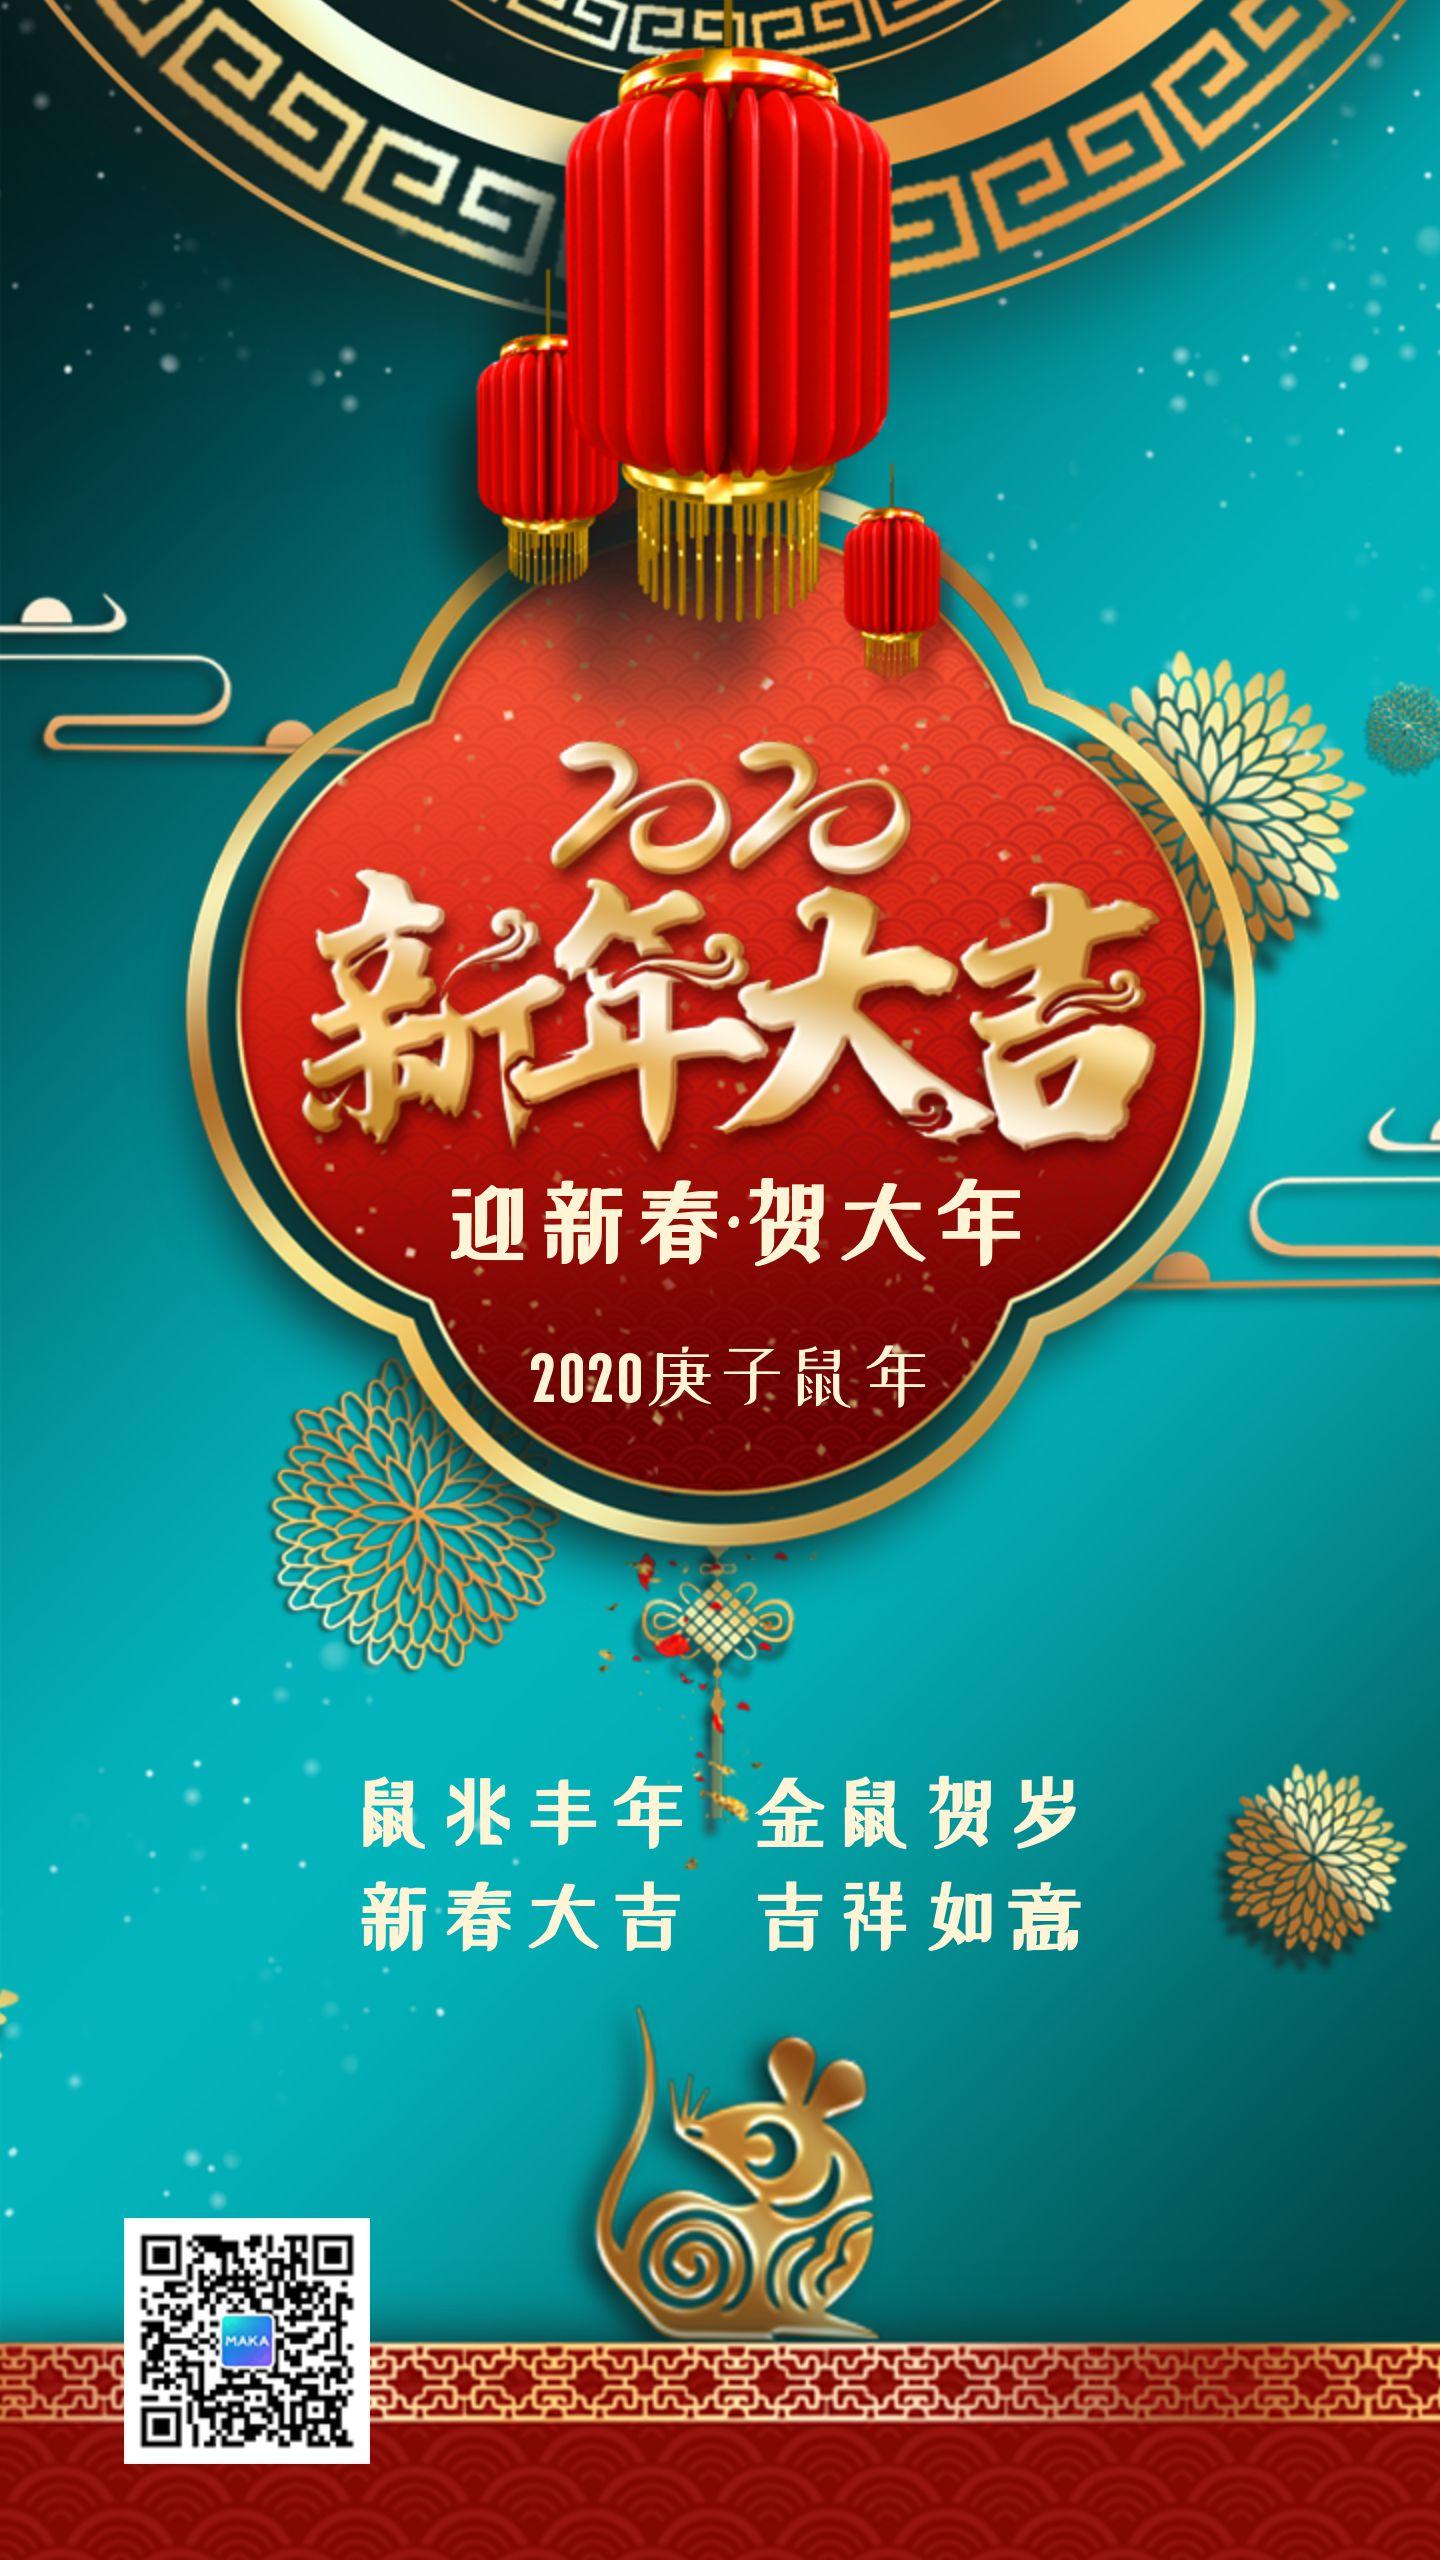 创意2020年新年鼠年春节除夕拜年微信朋友圈祝福贺卡手机版企业宣传邀请函日签海报